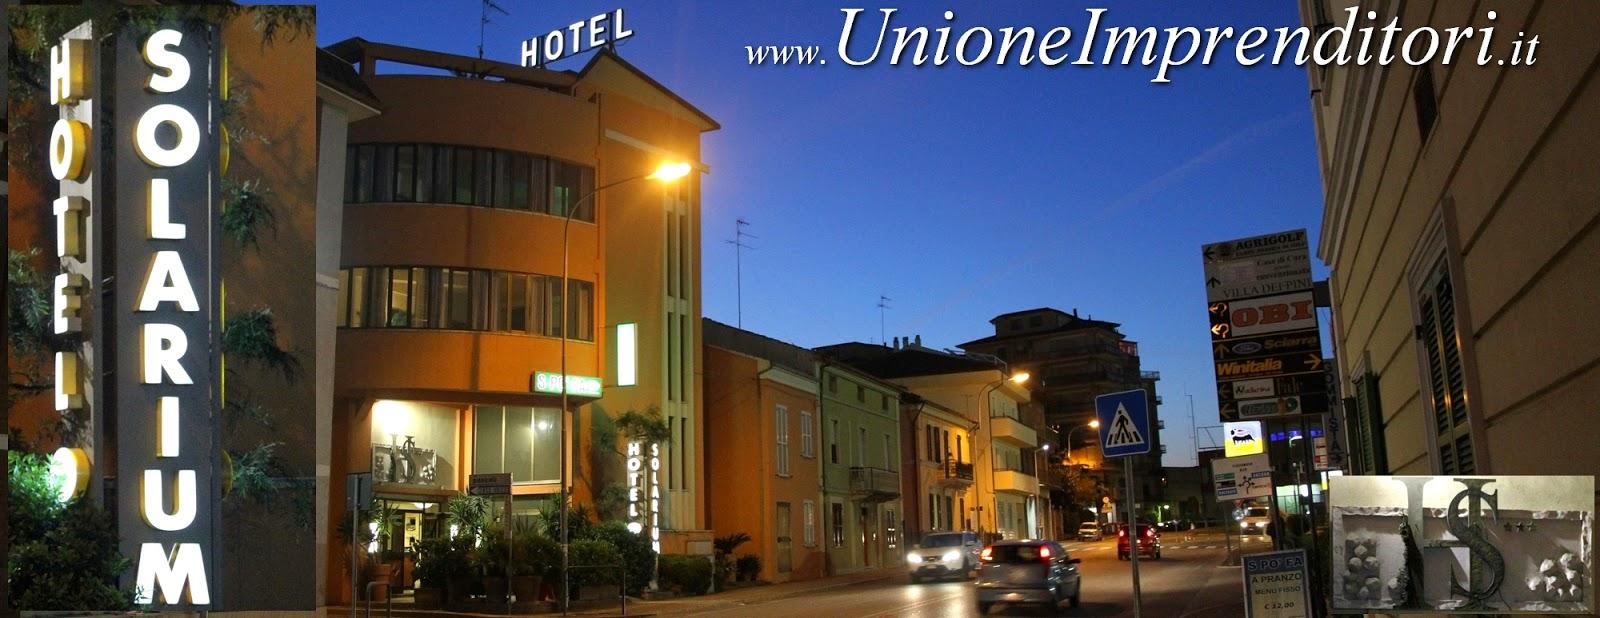 Hotel Tre Stelle Civitanova Marche